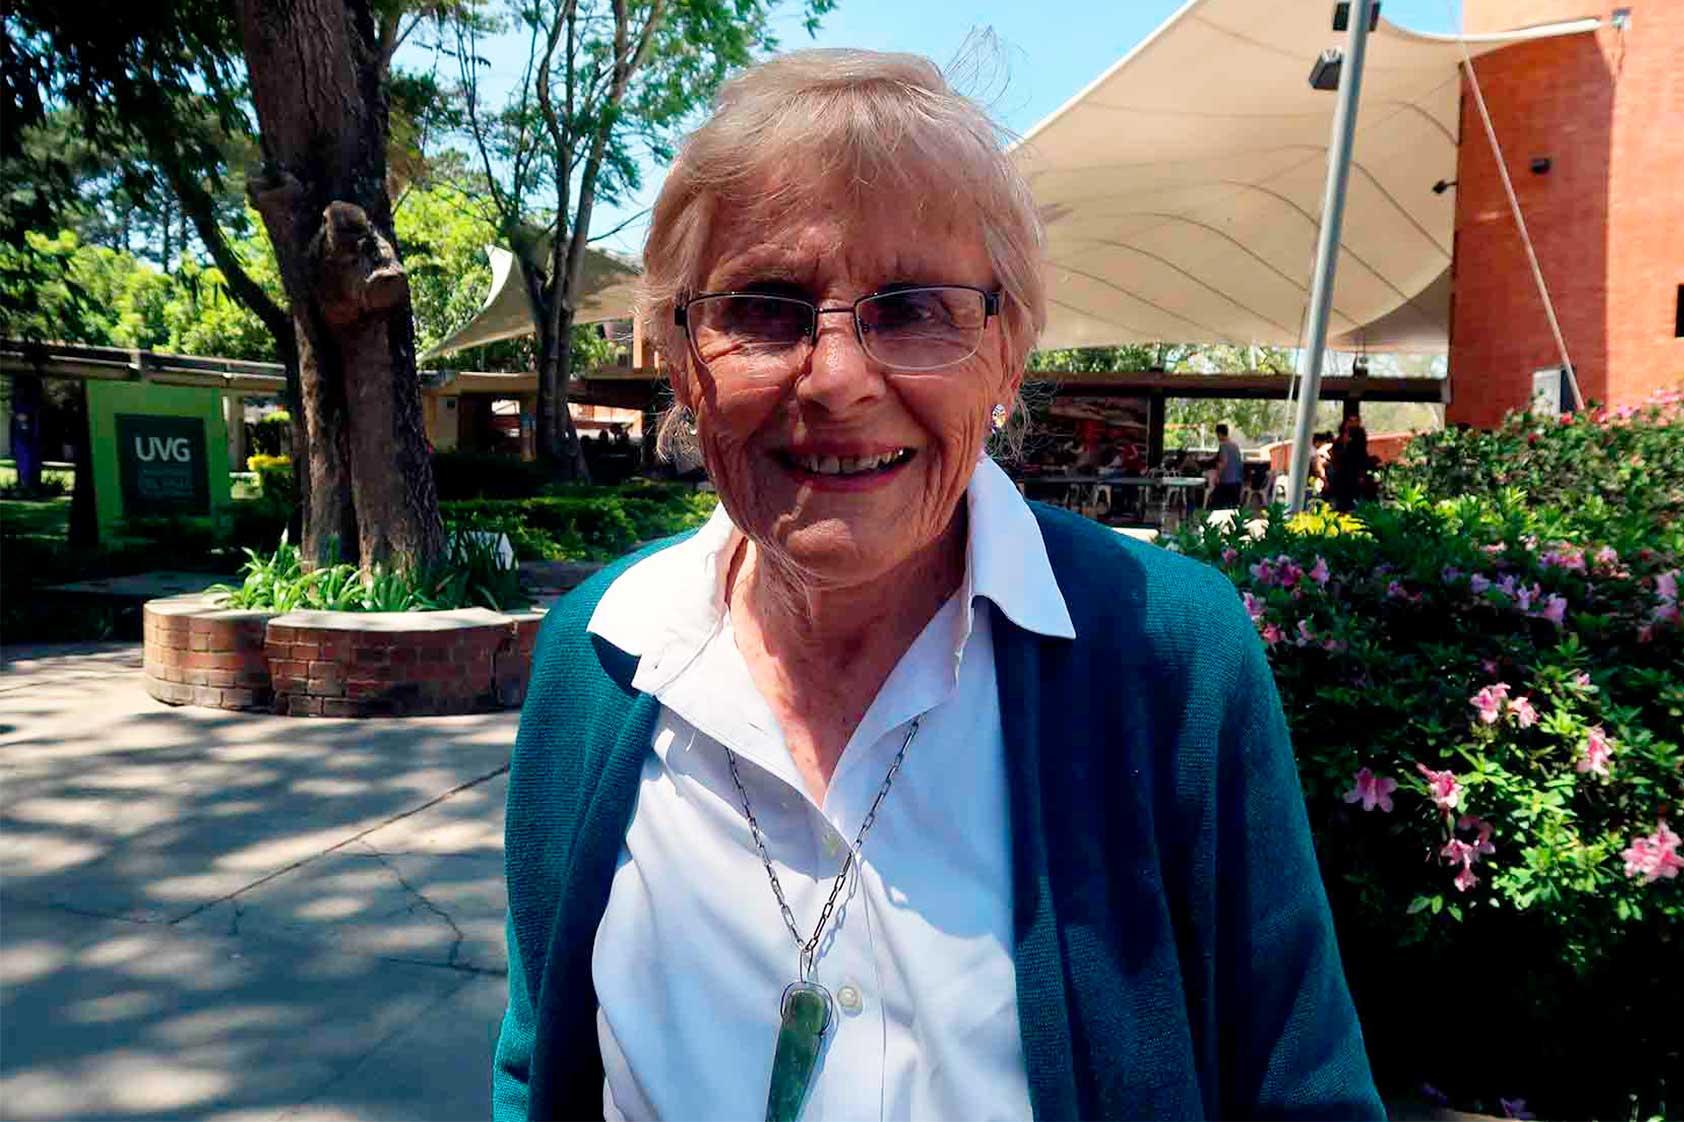 El legado de la Dra. Hatch, una vida de pasión por la arqueología